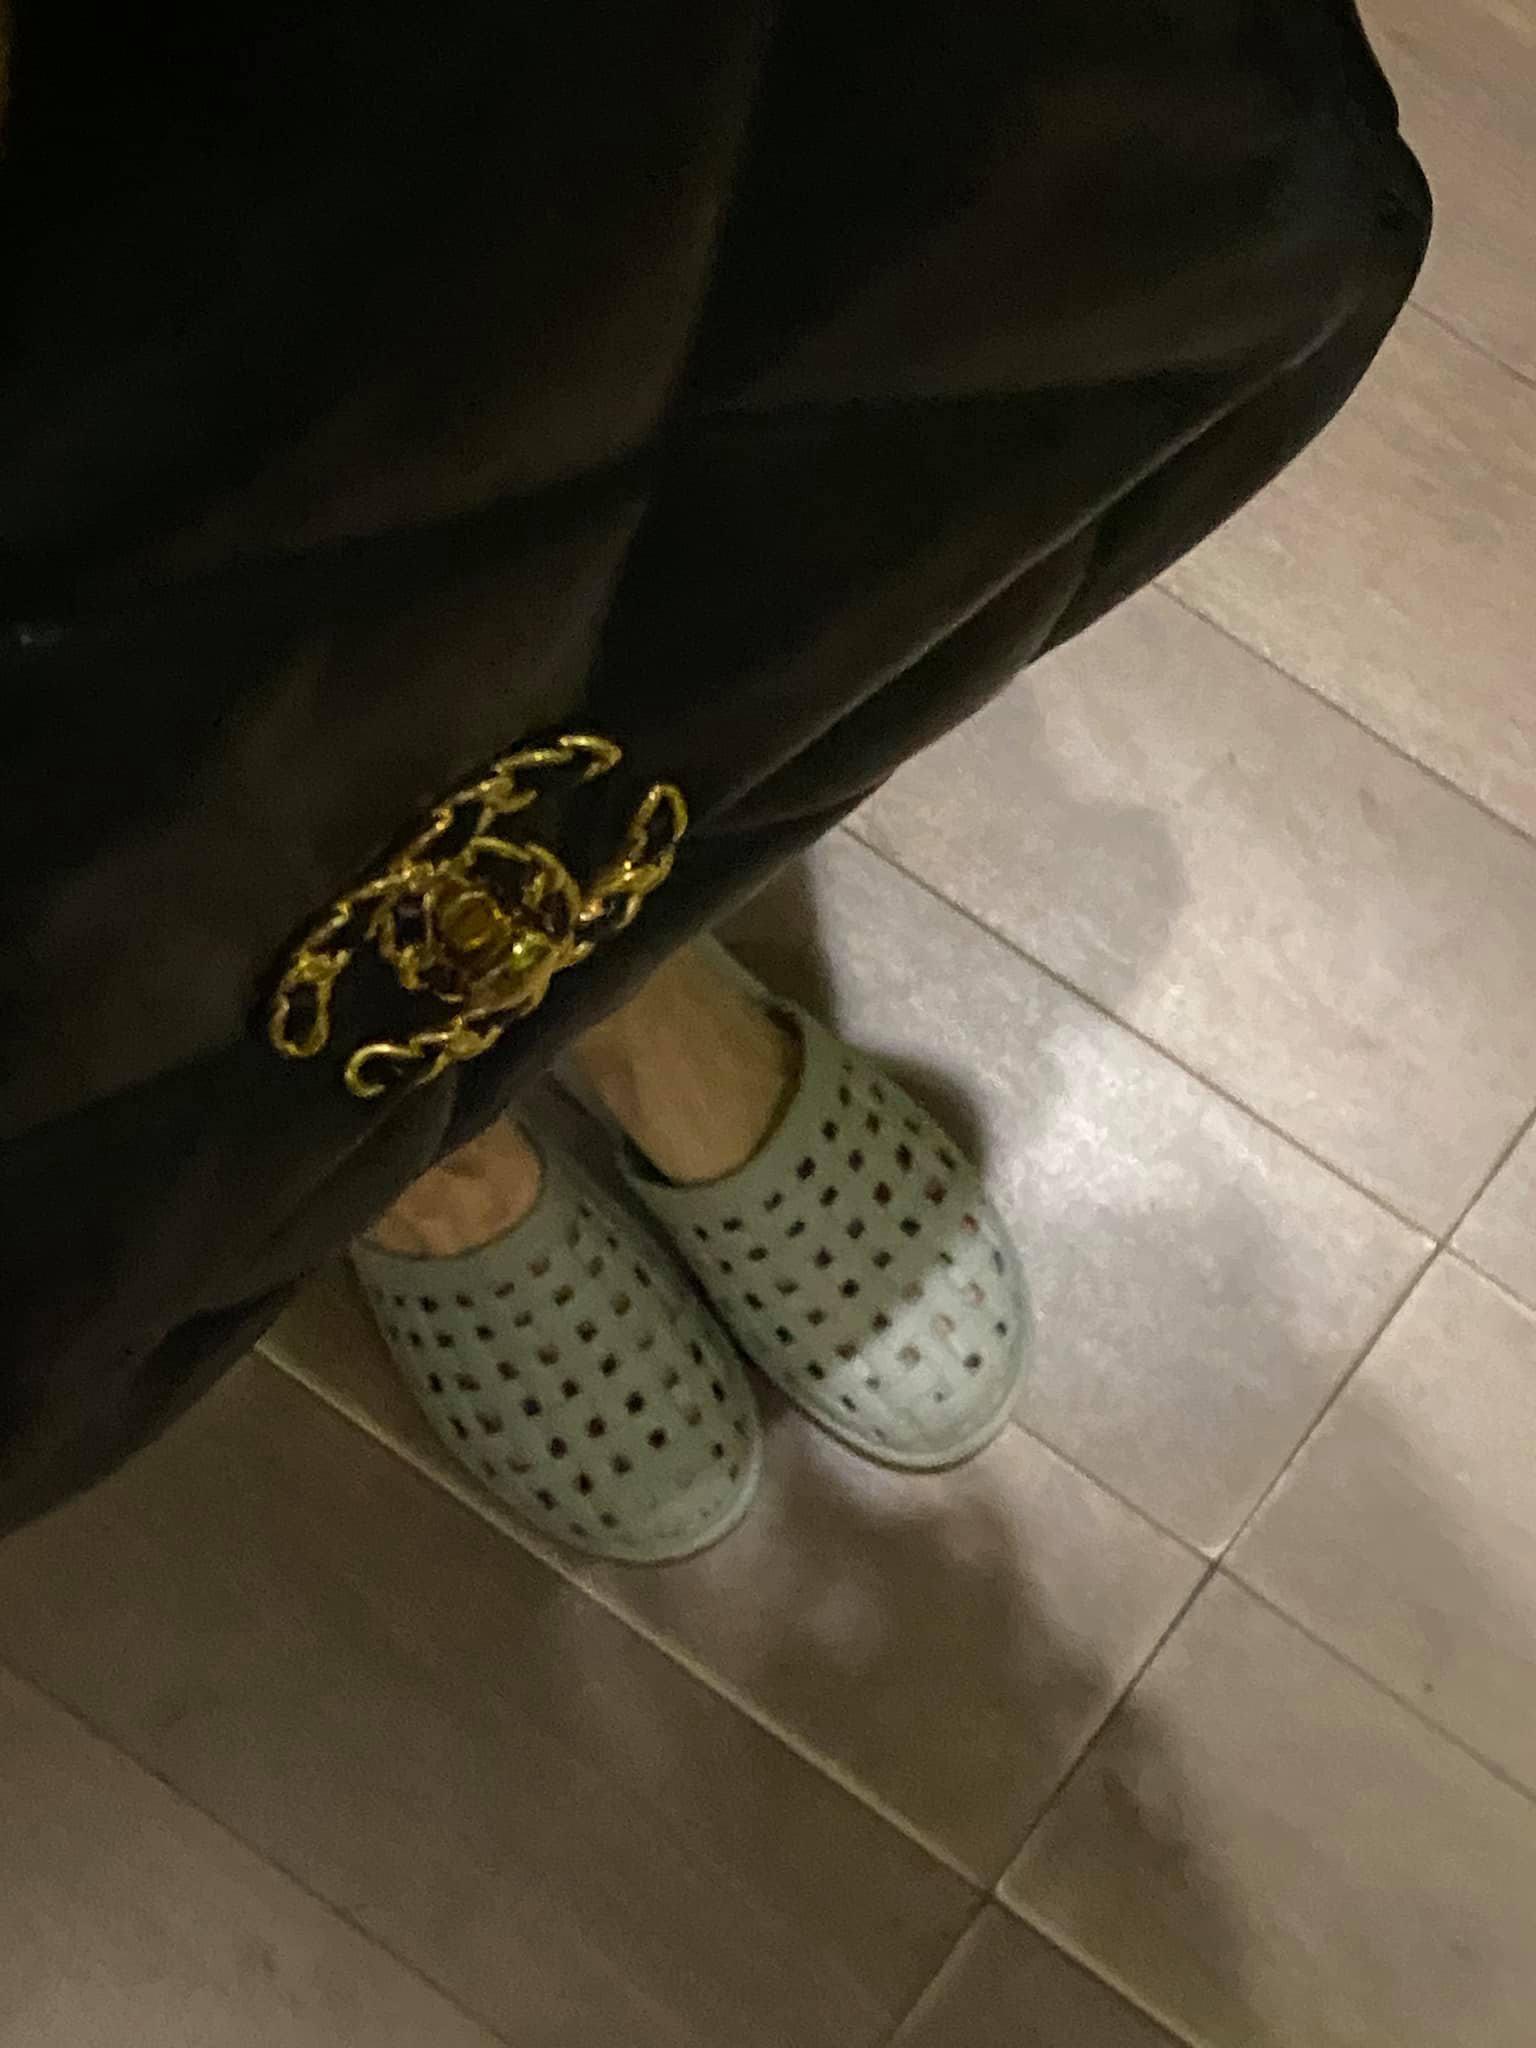 Hết bỏ quên đôi giày 25 triệu lấy dép lào, Hari Won mặc phủ hàng hiệu cũng xỏ dép nhựa - 3